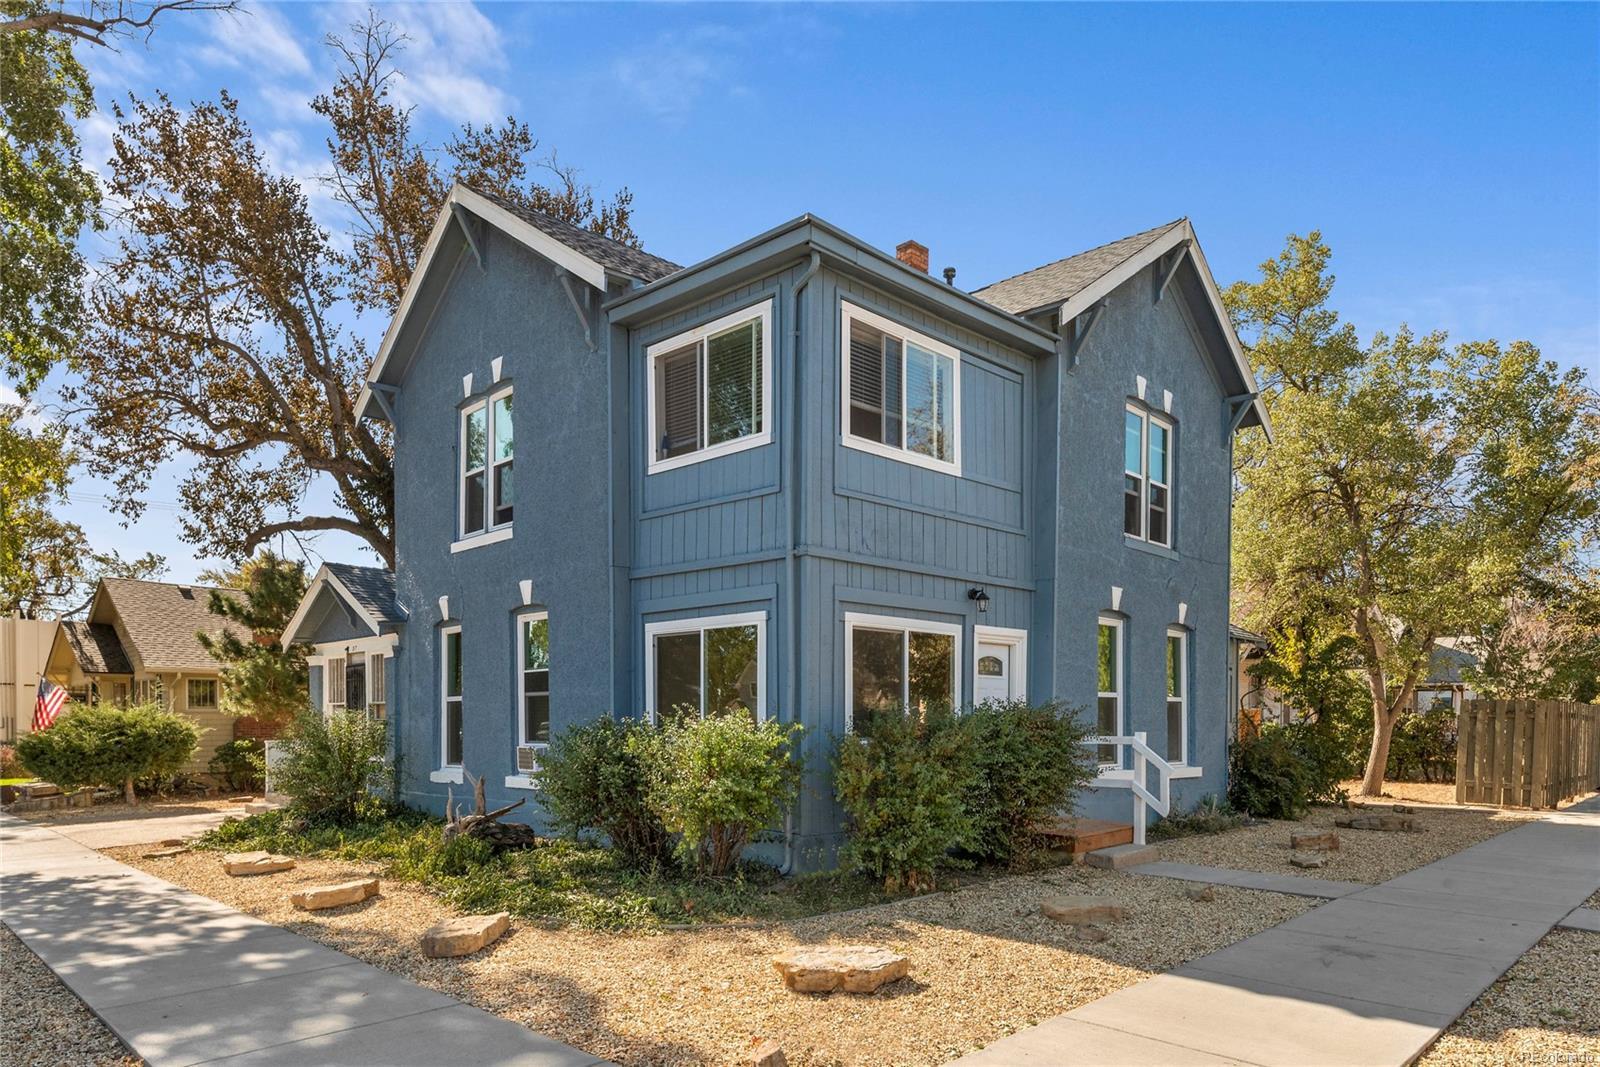 632 Harrison Avenue, Canon City, CO 81212 - Canon City, CO real estate listing